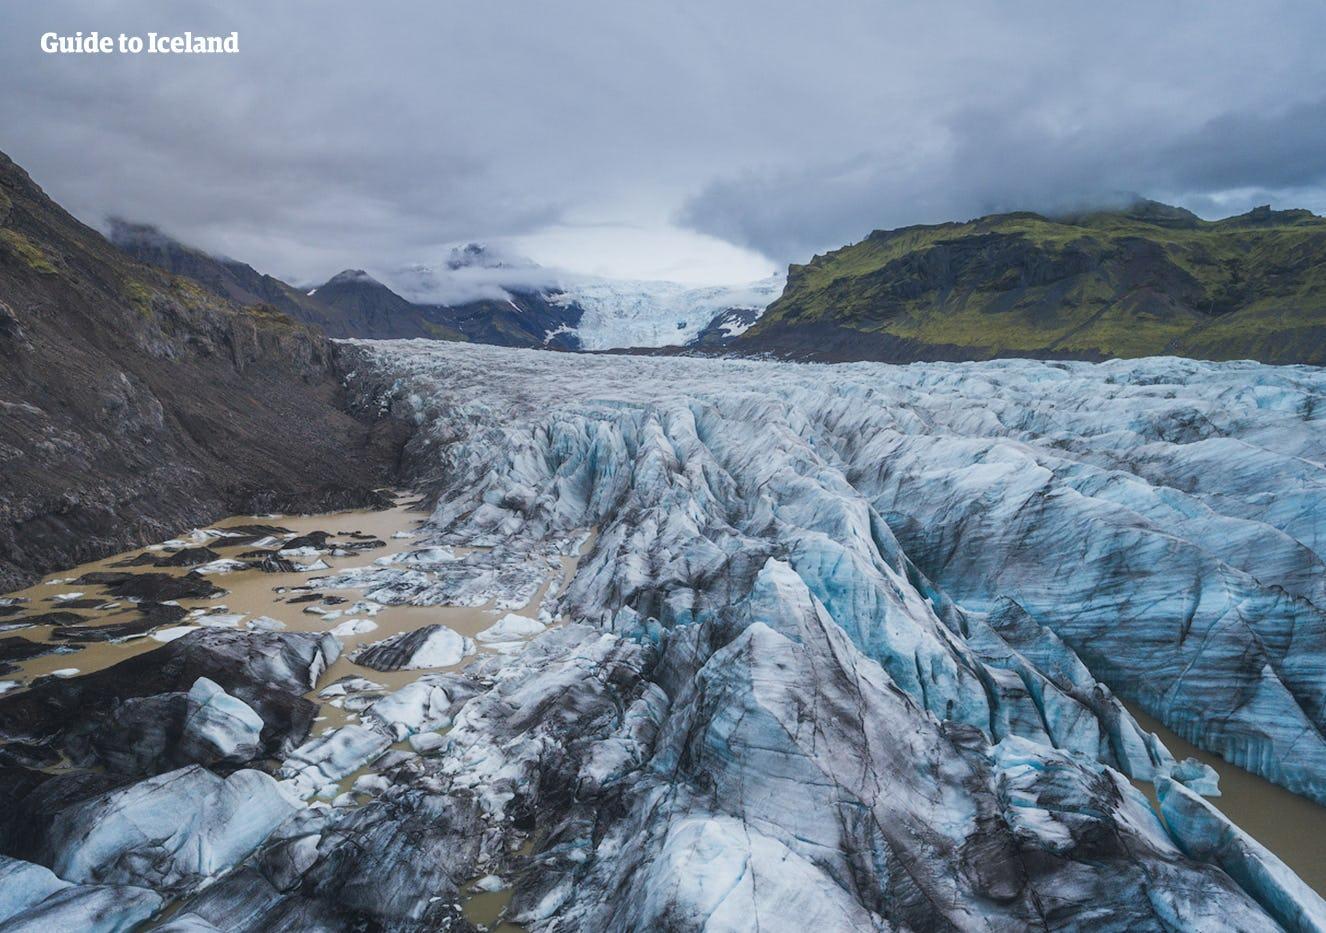 Rezerwat Skaftafell na południu Islandii znany jest z wielu jęzorów lodowcowych i wodospadu Svartifoss.